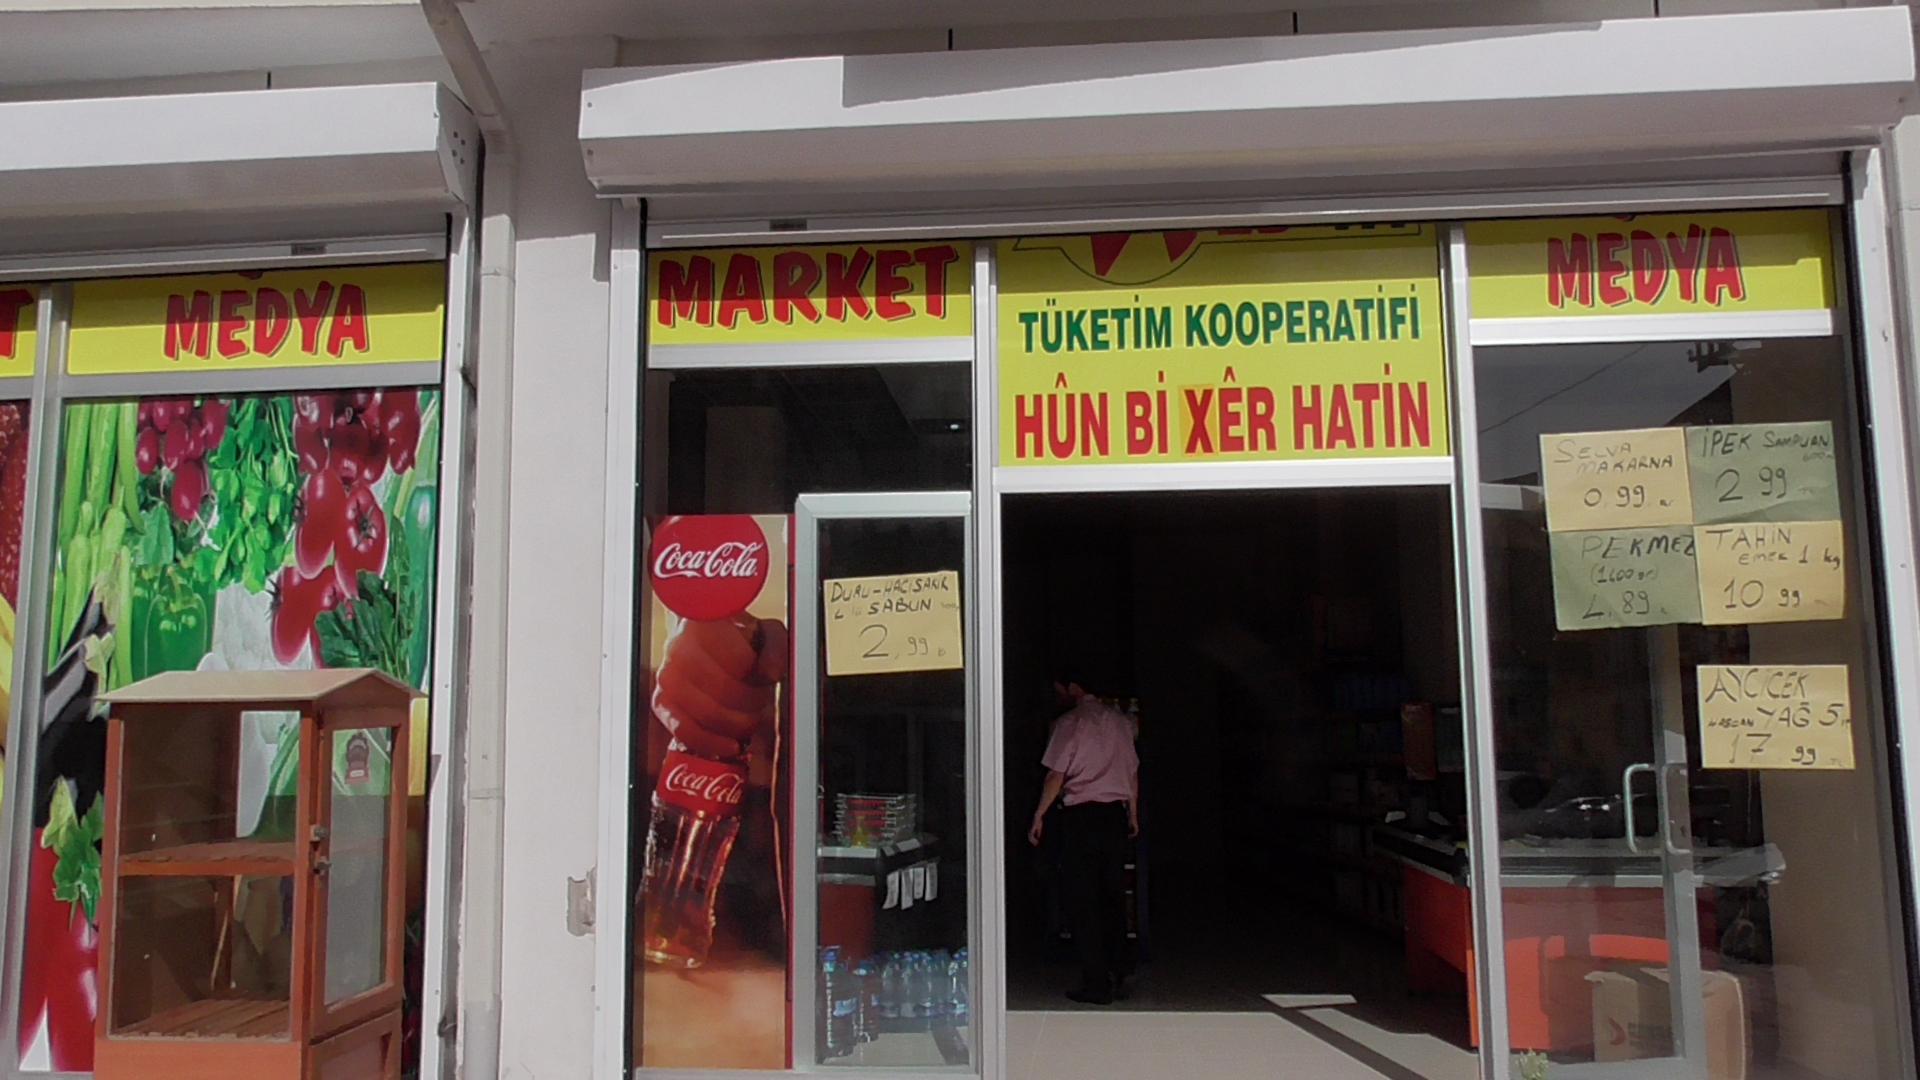 Wan market